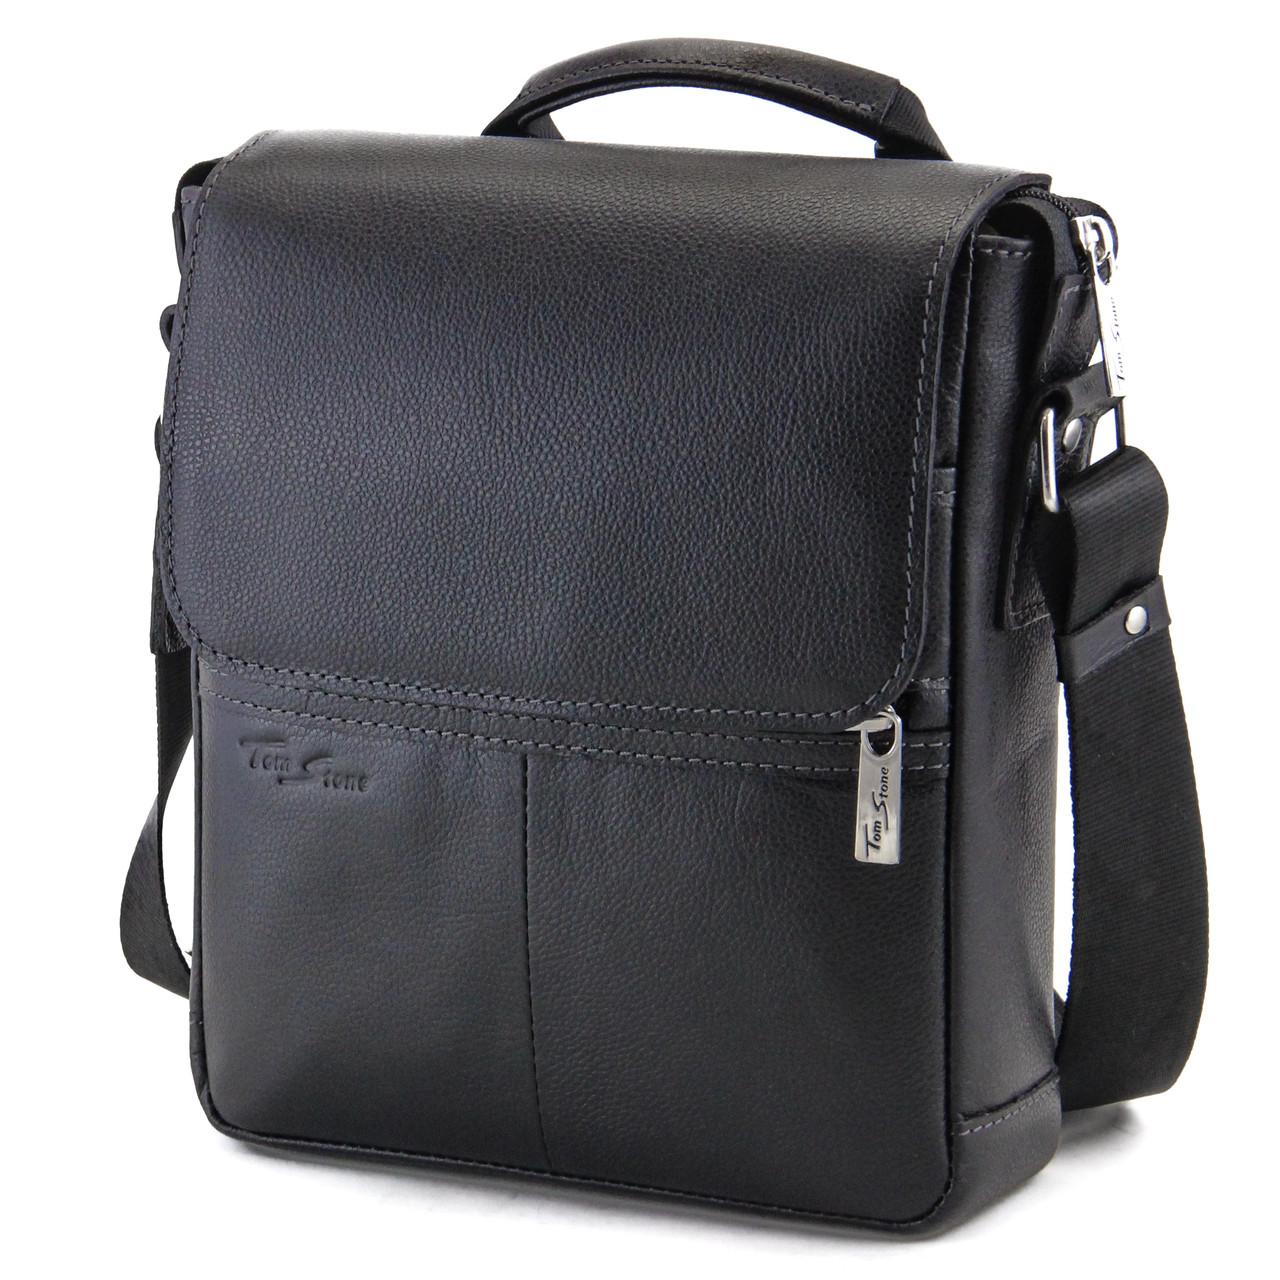 d794389d6fb6 Мужская кожаная сумка с ручкой Tom Stone, цена 2 350 грн., купить в ...